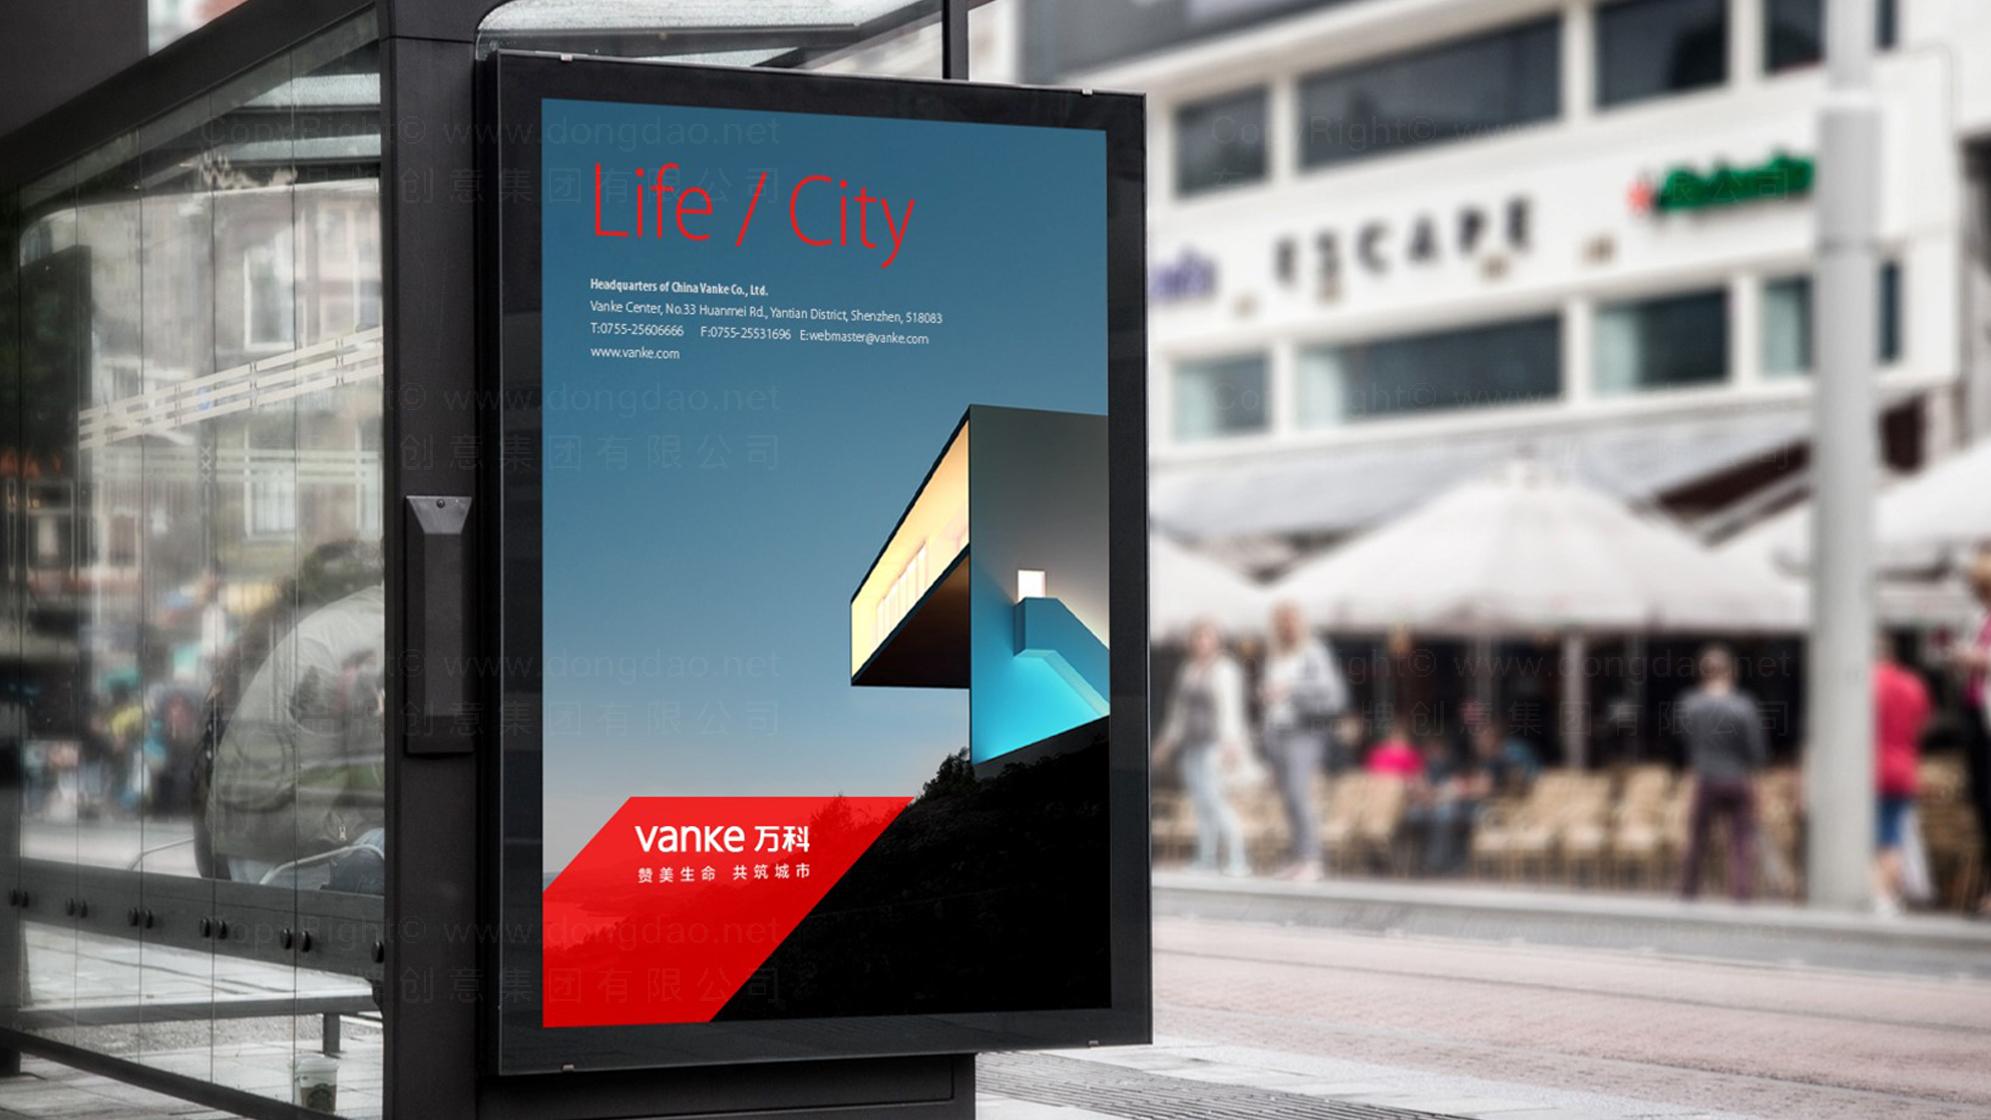 品牌设计万科logo设计、vi设计应用场景_2